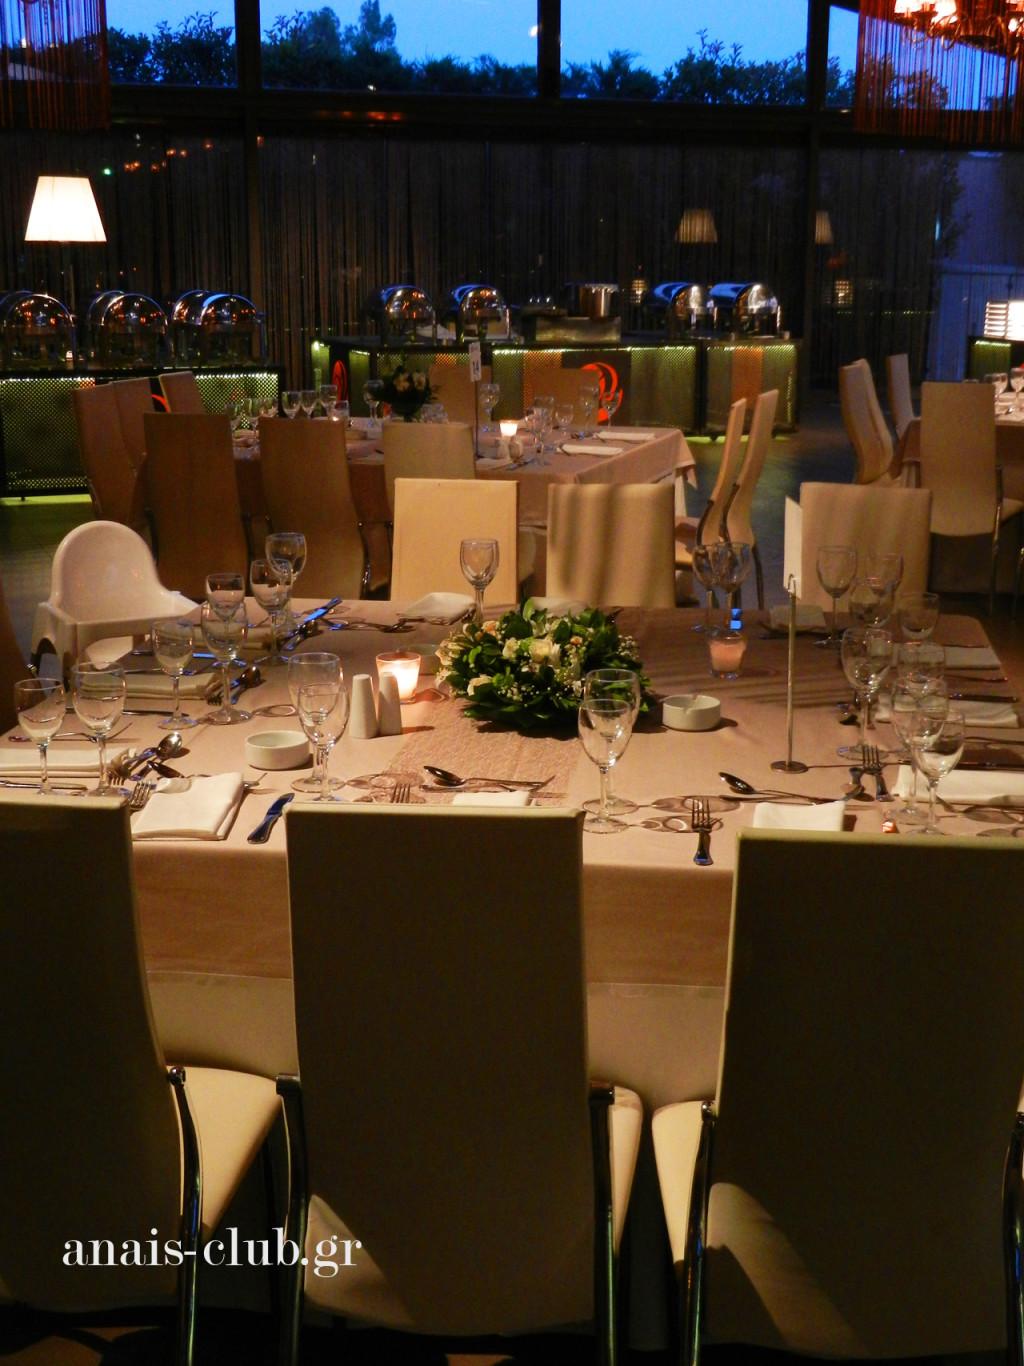 Τα τετράγωνα τραπέζια στο Anais club μπορούν να φιλοξενήσουν συνολικά 12 άτομα